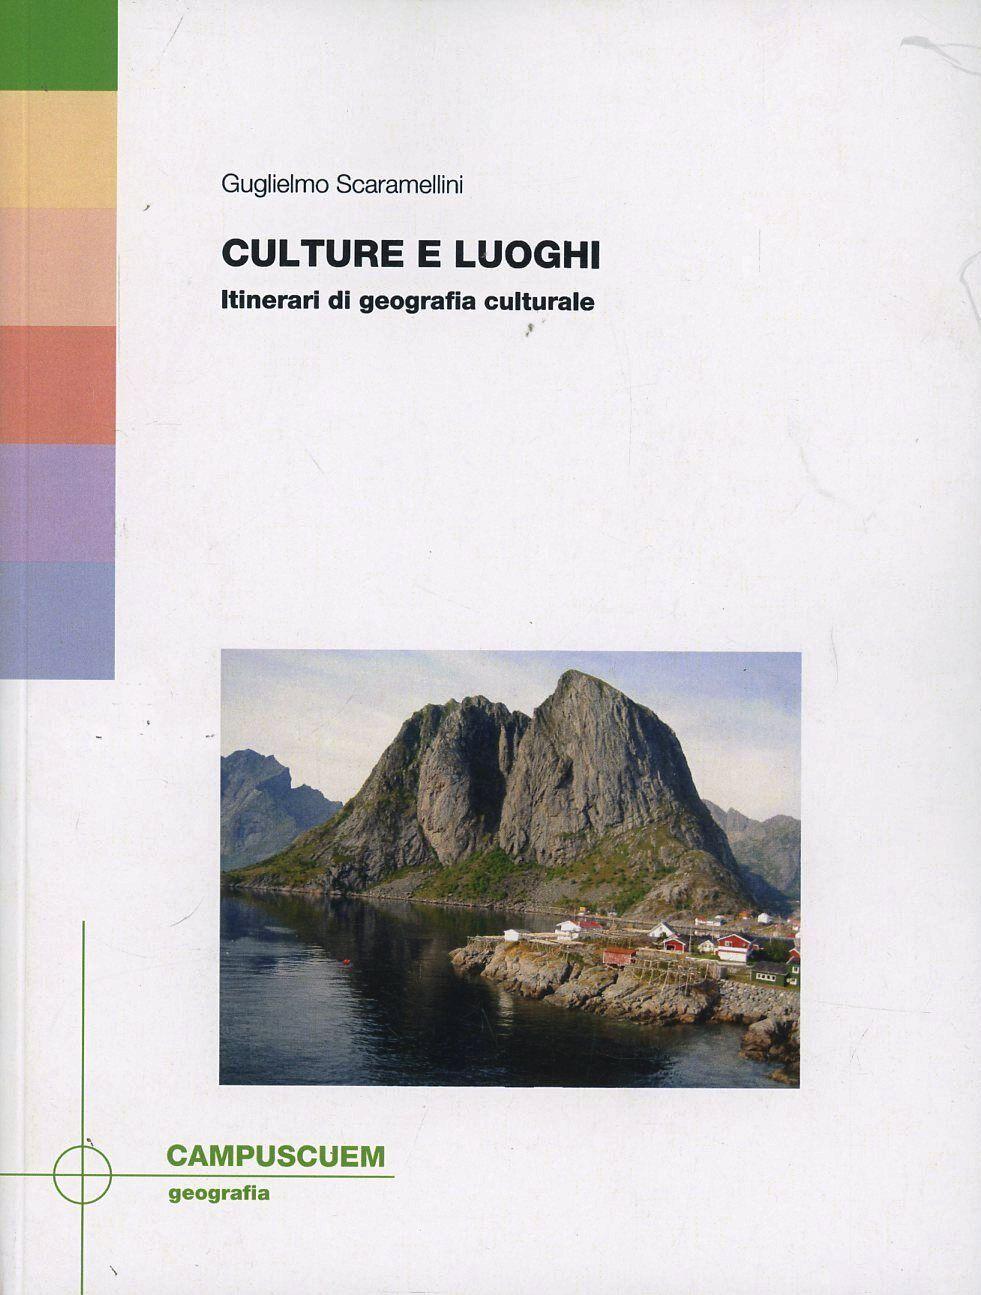 Culture e luoghi. Itinerari di geografia culturale